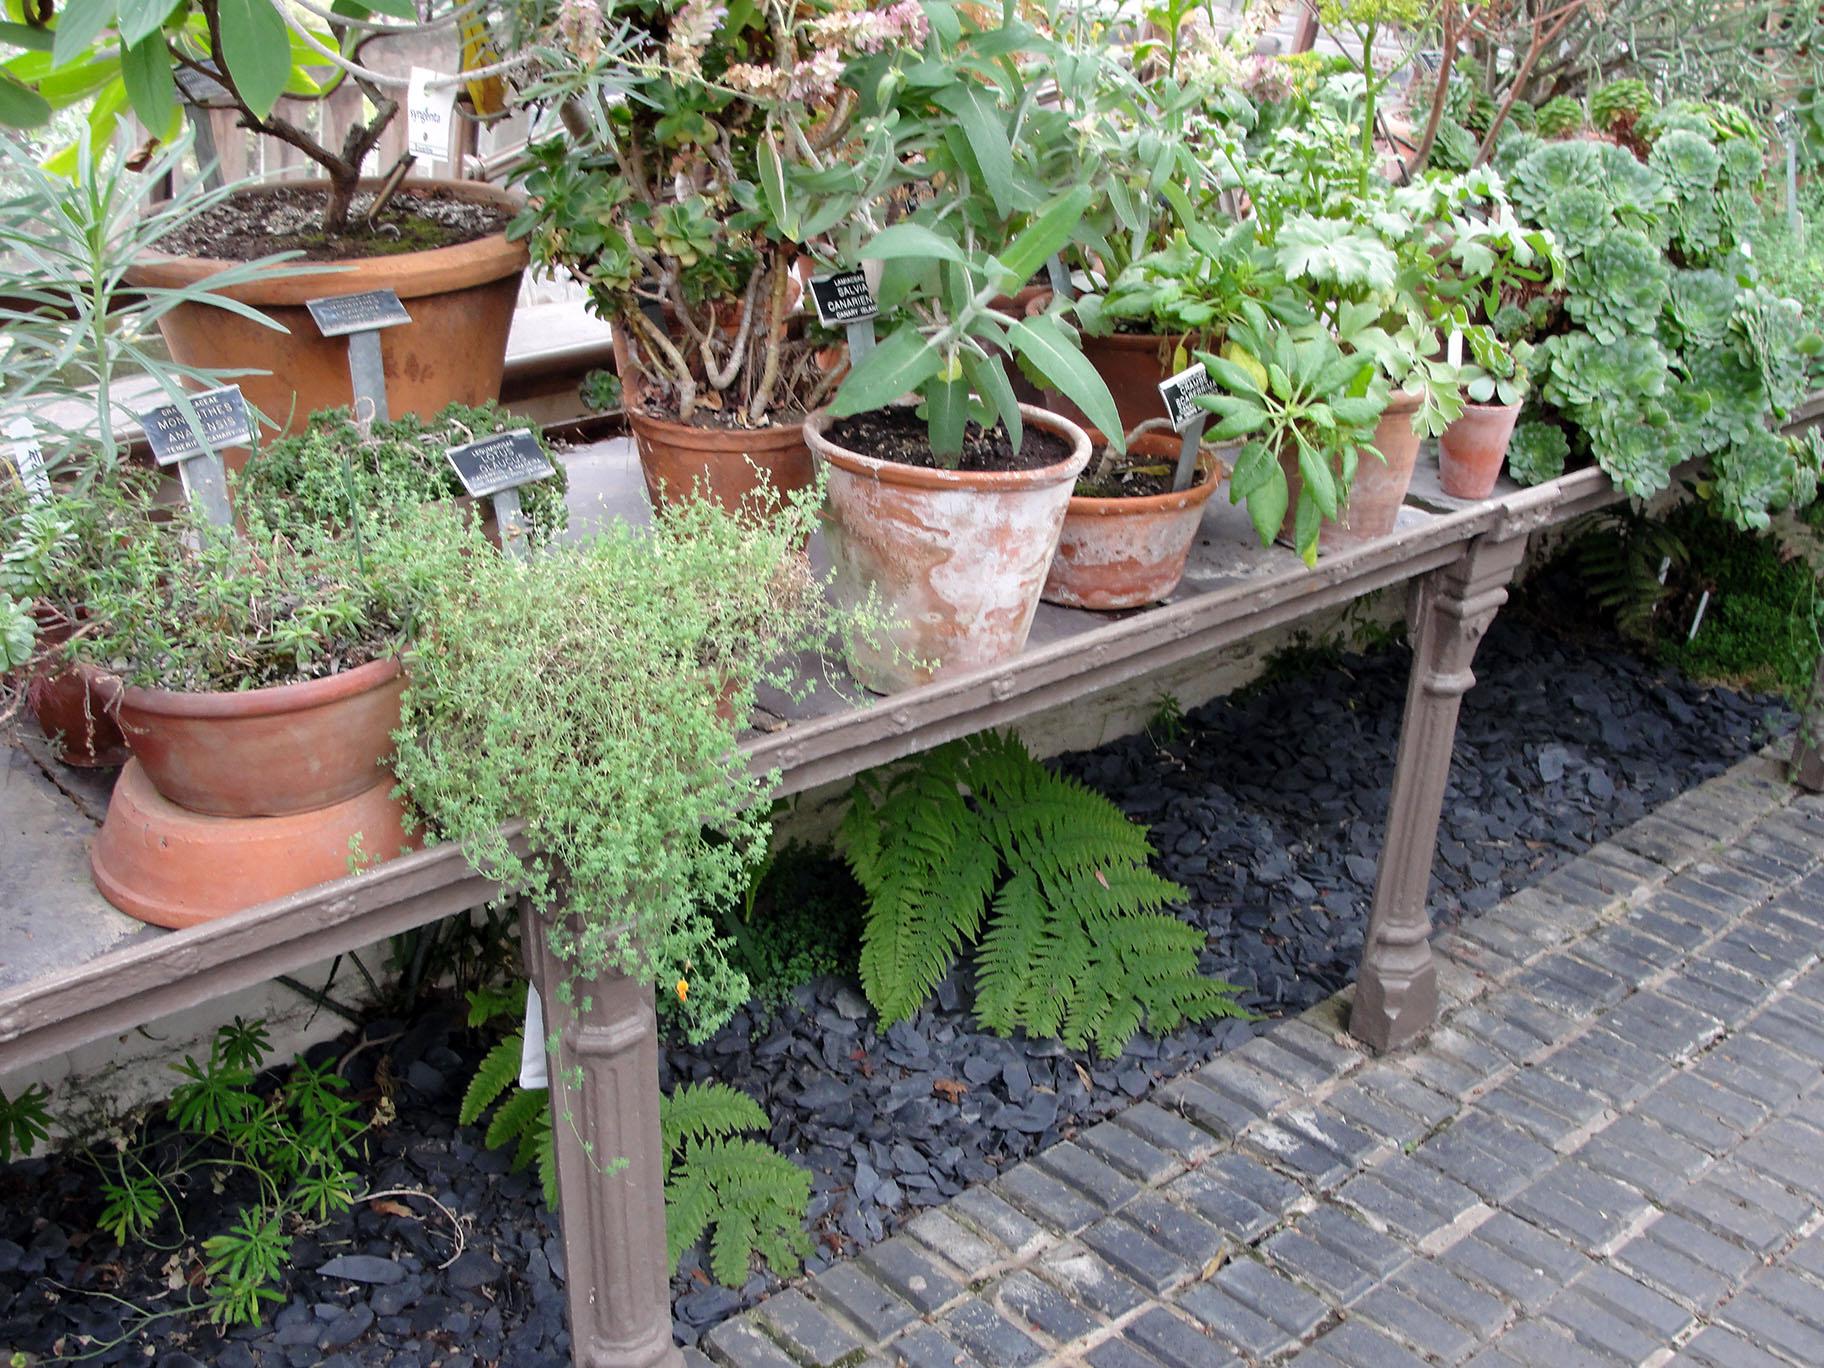 Curso de eco jardiner a galiciangarden for Aprender jardineria